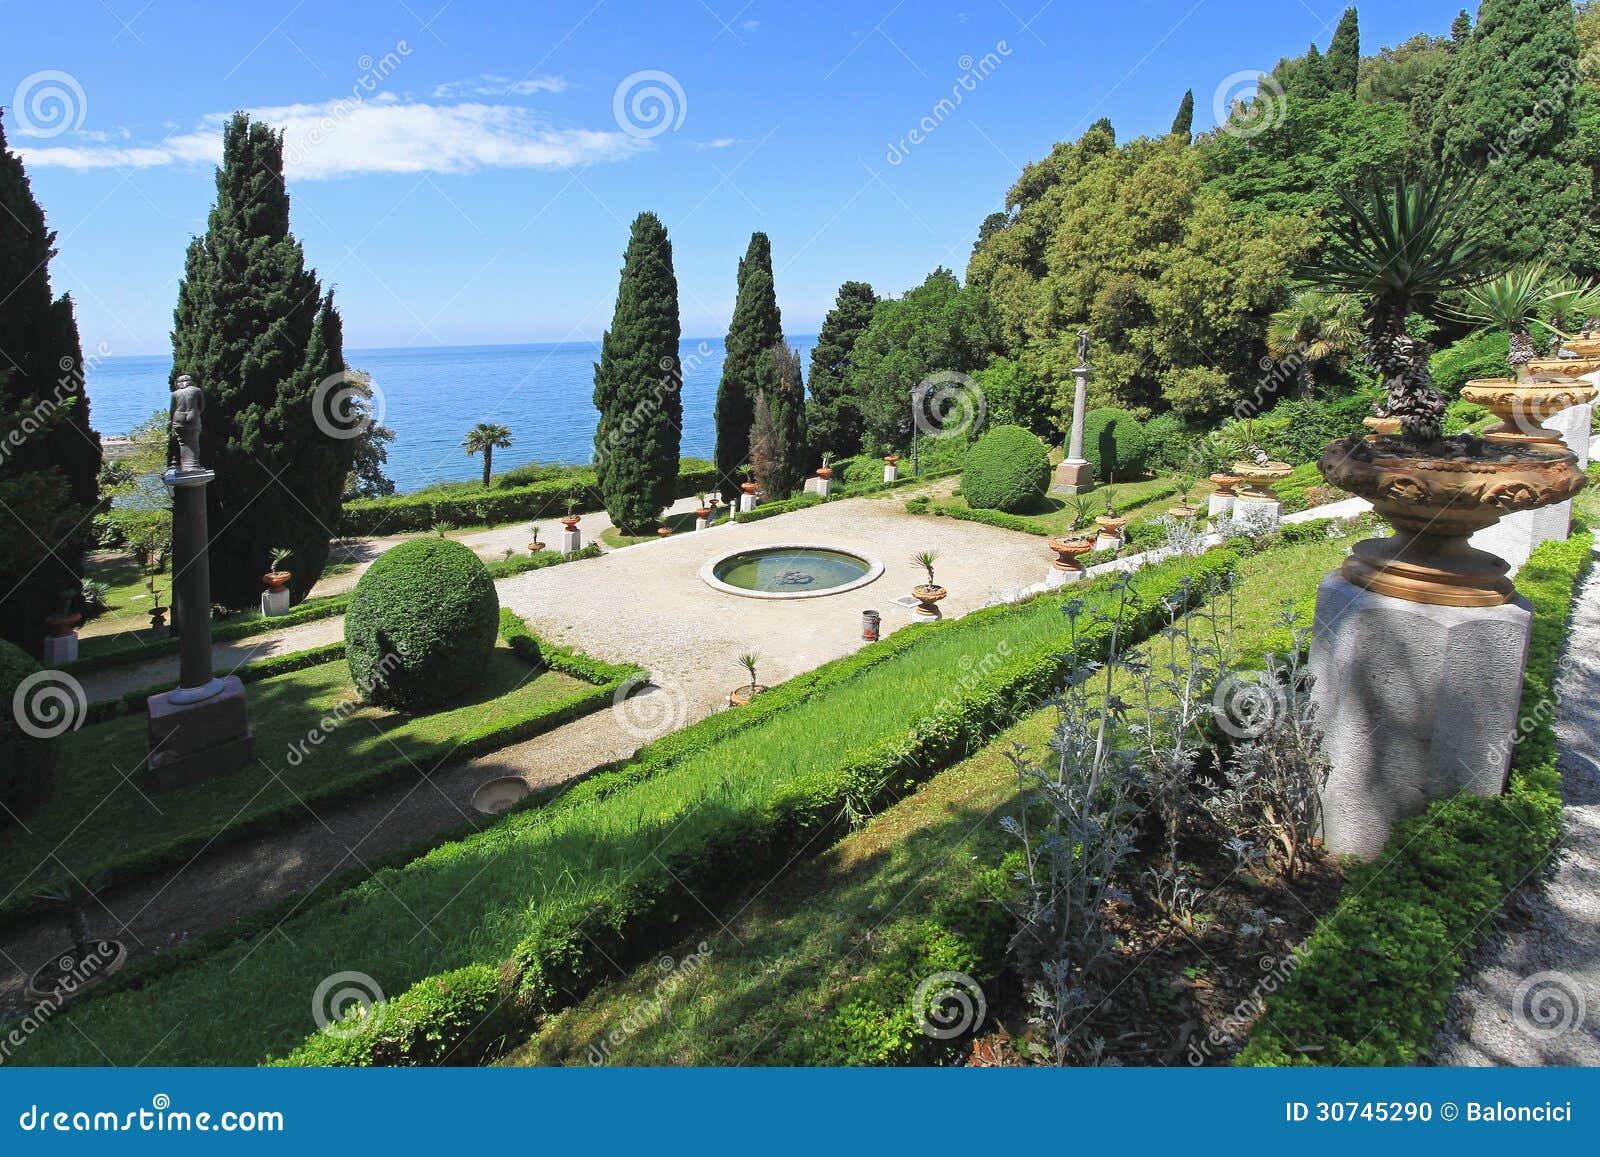 Alison S Gardens Mediterranean Garden: Mediterranean Gardens Stock Photo